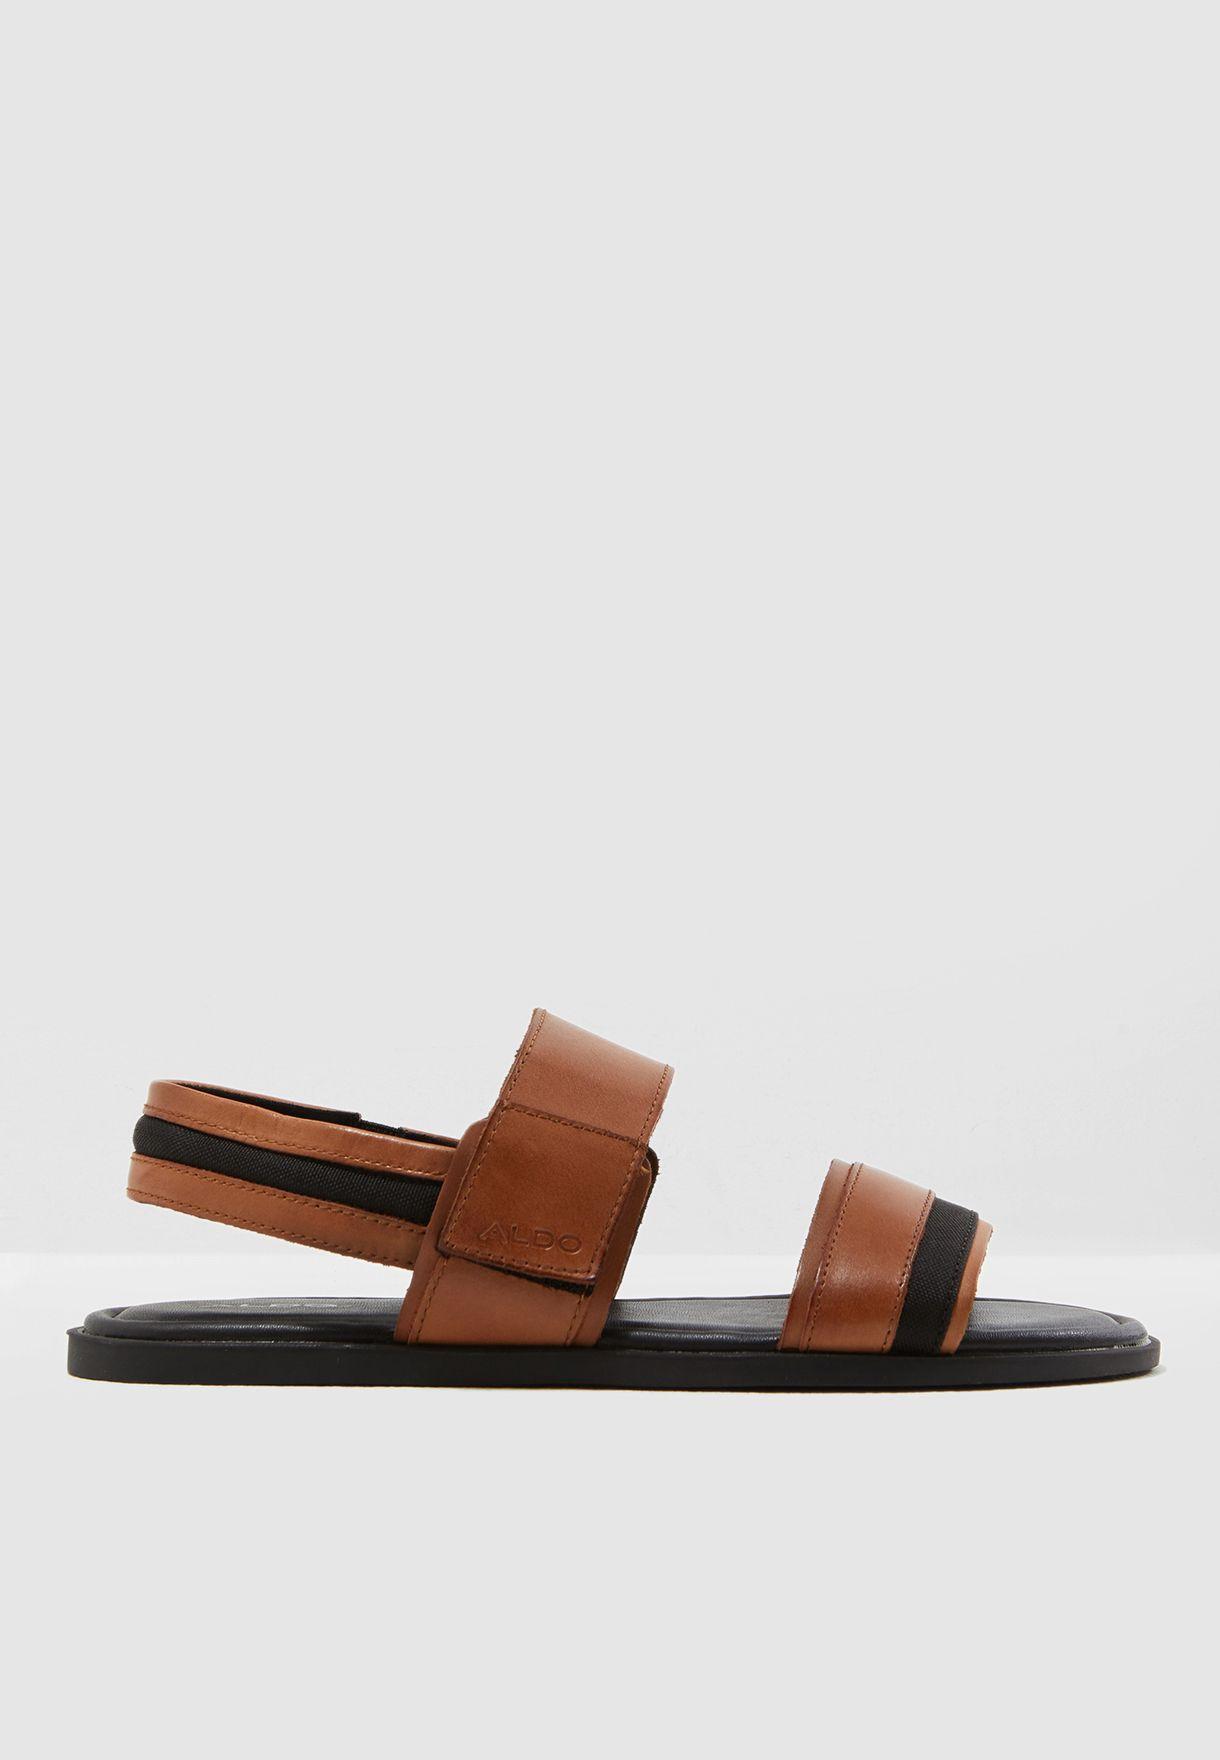 Derivia Sandals